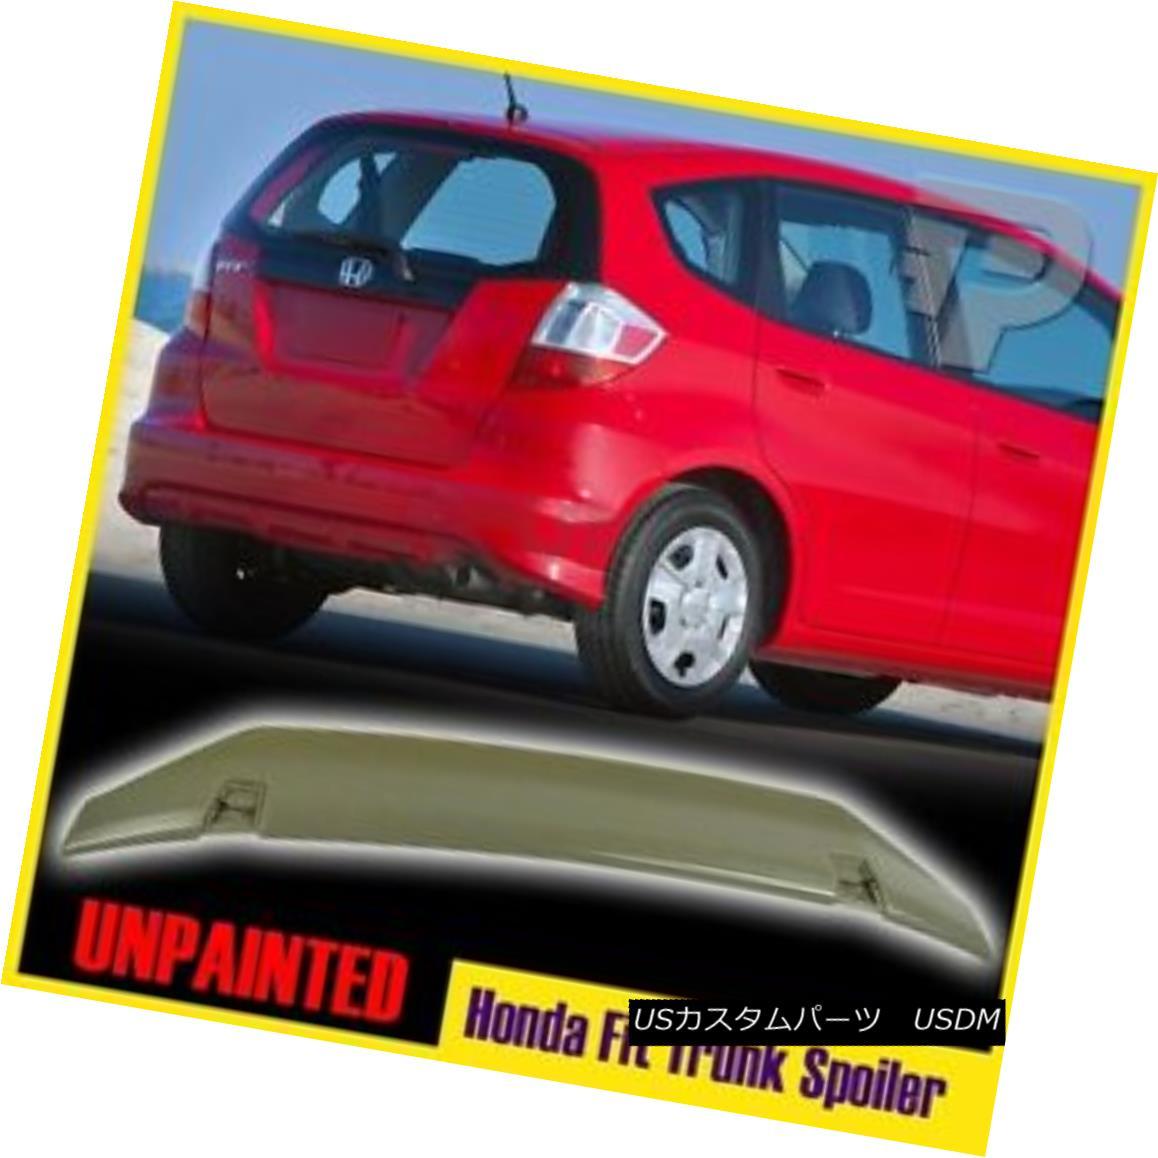 エアロパーツ Unpainted For Honda Fit 2nd Hatchback Rear Trunk Spoiler Wing OE Type 2009-2013 ホンダフィット2番ハッチバックリアトランク・スポイラーウイングOEタイプ2009-2013